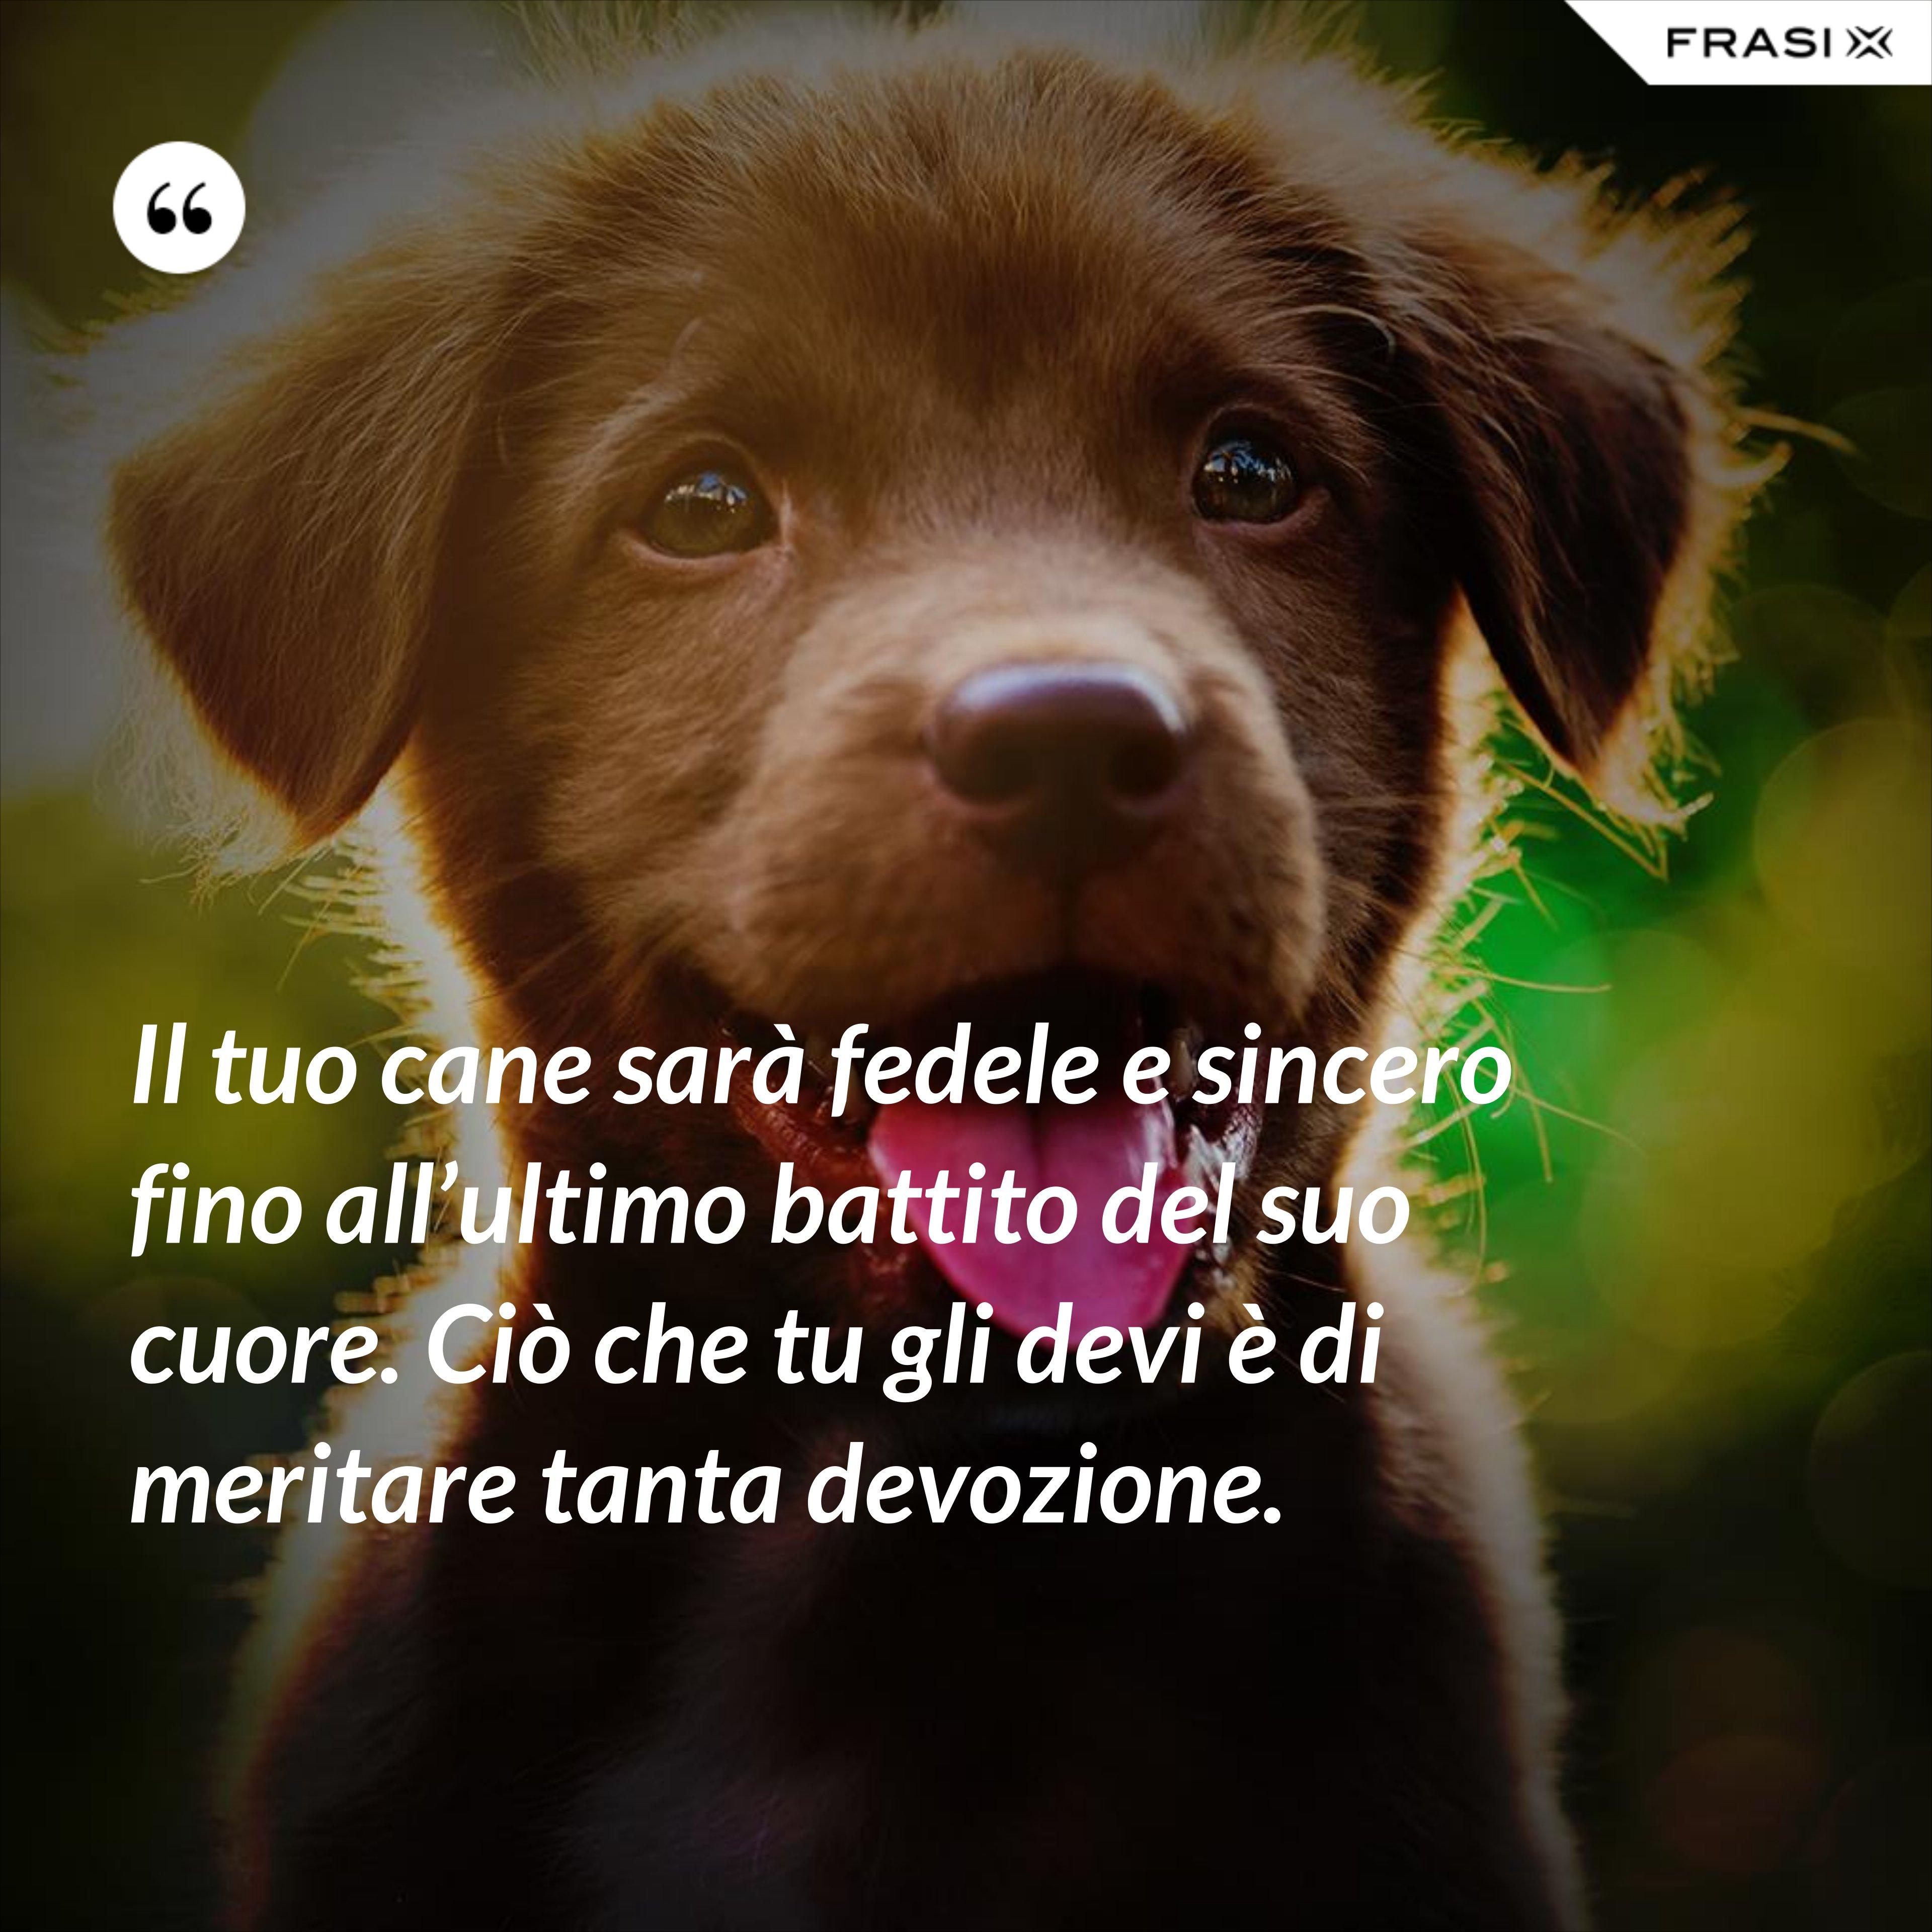 Il tuo cane sarà fedele e sincero fino all'ultimo battito del suo cuore. Ciò che tu gli devi è di meritare tanta devozione. - Anonimo